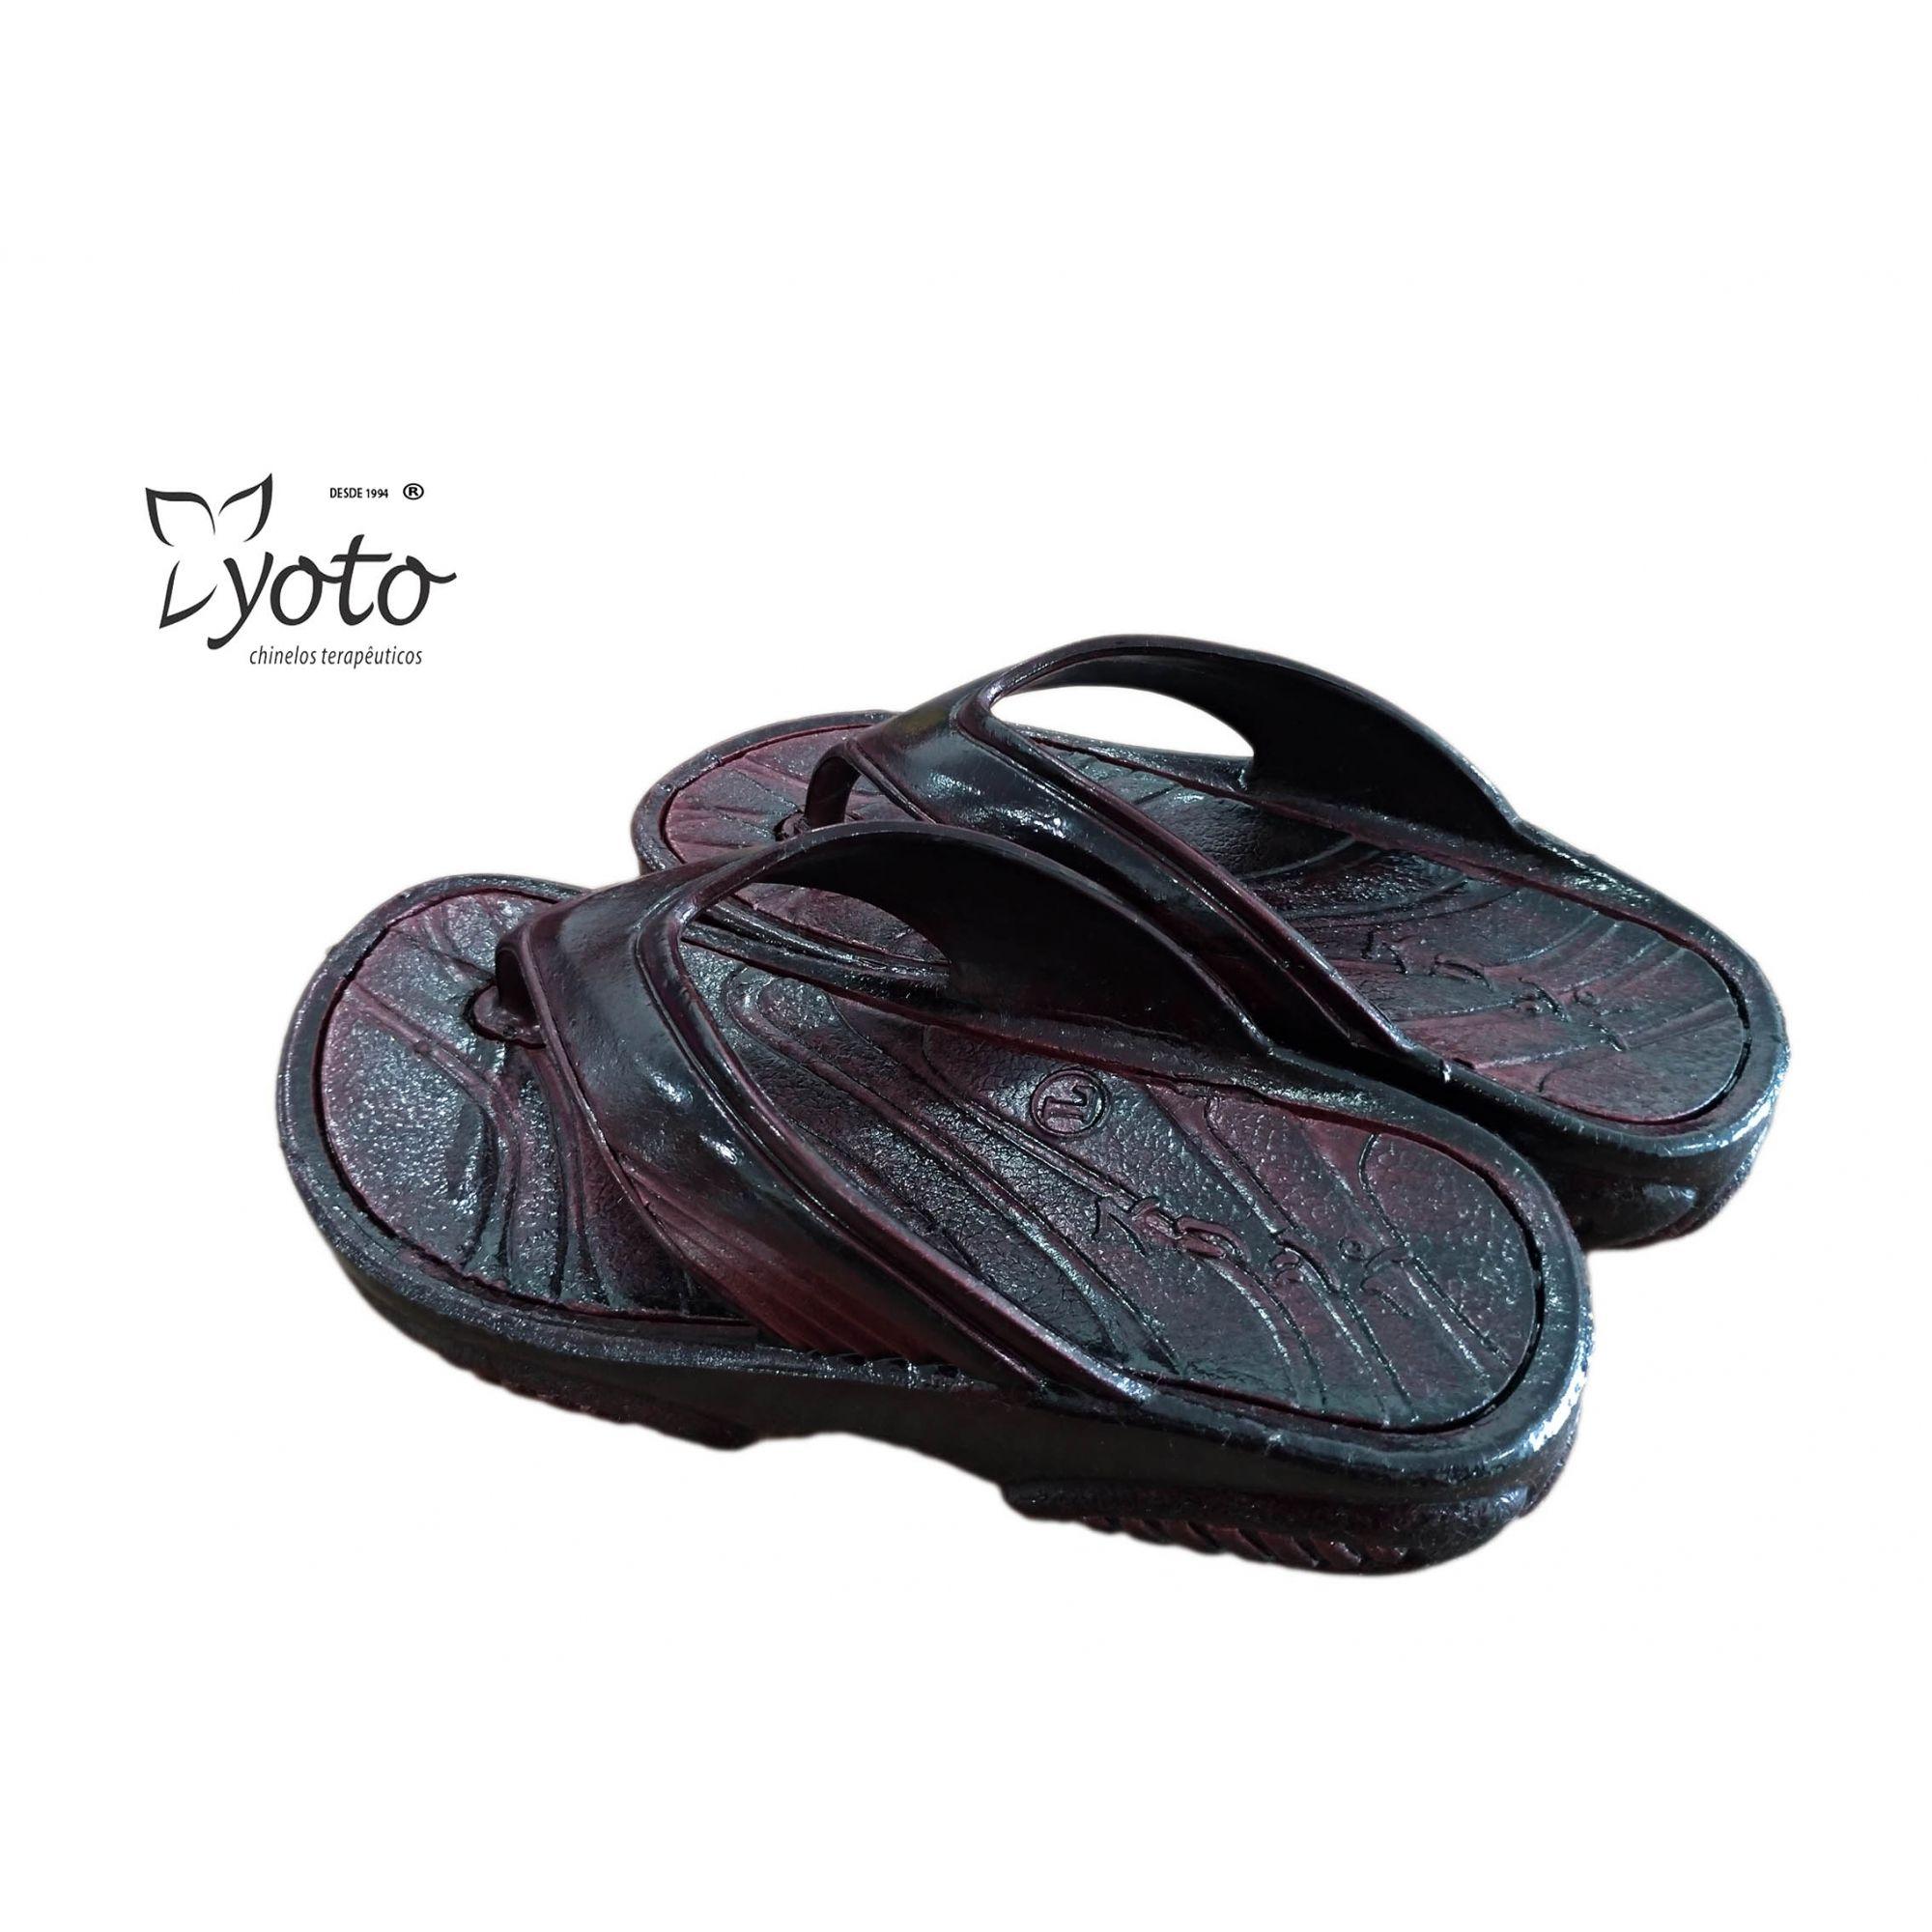 Chinelo yoto 235 Calçado Joanete Esporão Calcaneo Fascite Plantar